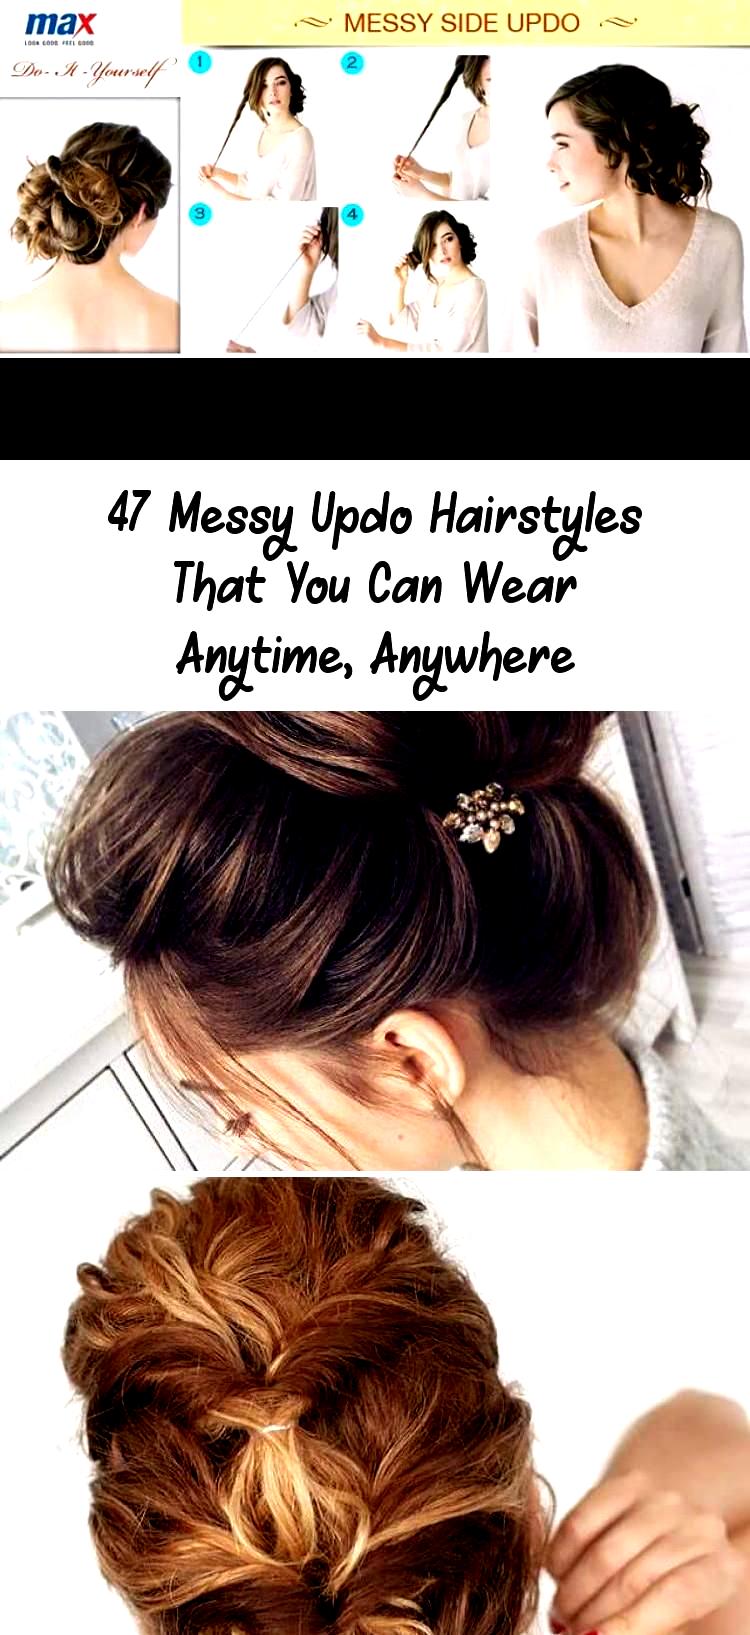 So erhalten Sie leicht leichter gewellte Frisuren! #gewellteFrisuren # wahrgenommen ... -  So erhalten Sie leicht leichter gewellte Frisuren!  #gewellteFrisuren # wahrgenommen… – natürl - #erhalten #frisuren #gewellte #gewelltefrisuren #hairscolorideas #hairstylestutorials #includelonghairstyles #leicht #leichter #mediumhairstyles #Sie #wahrgenommen #messyupdos